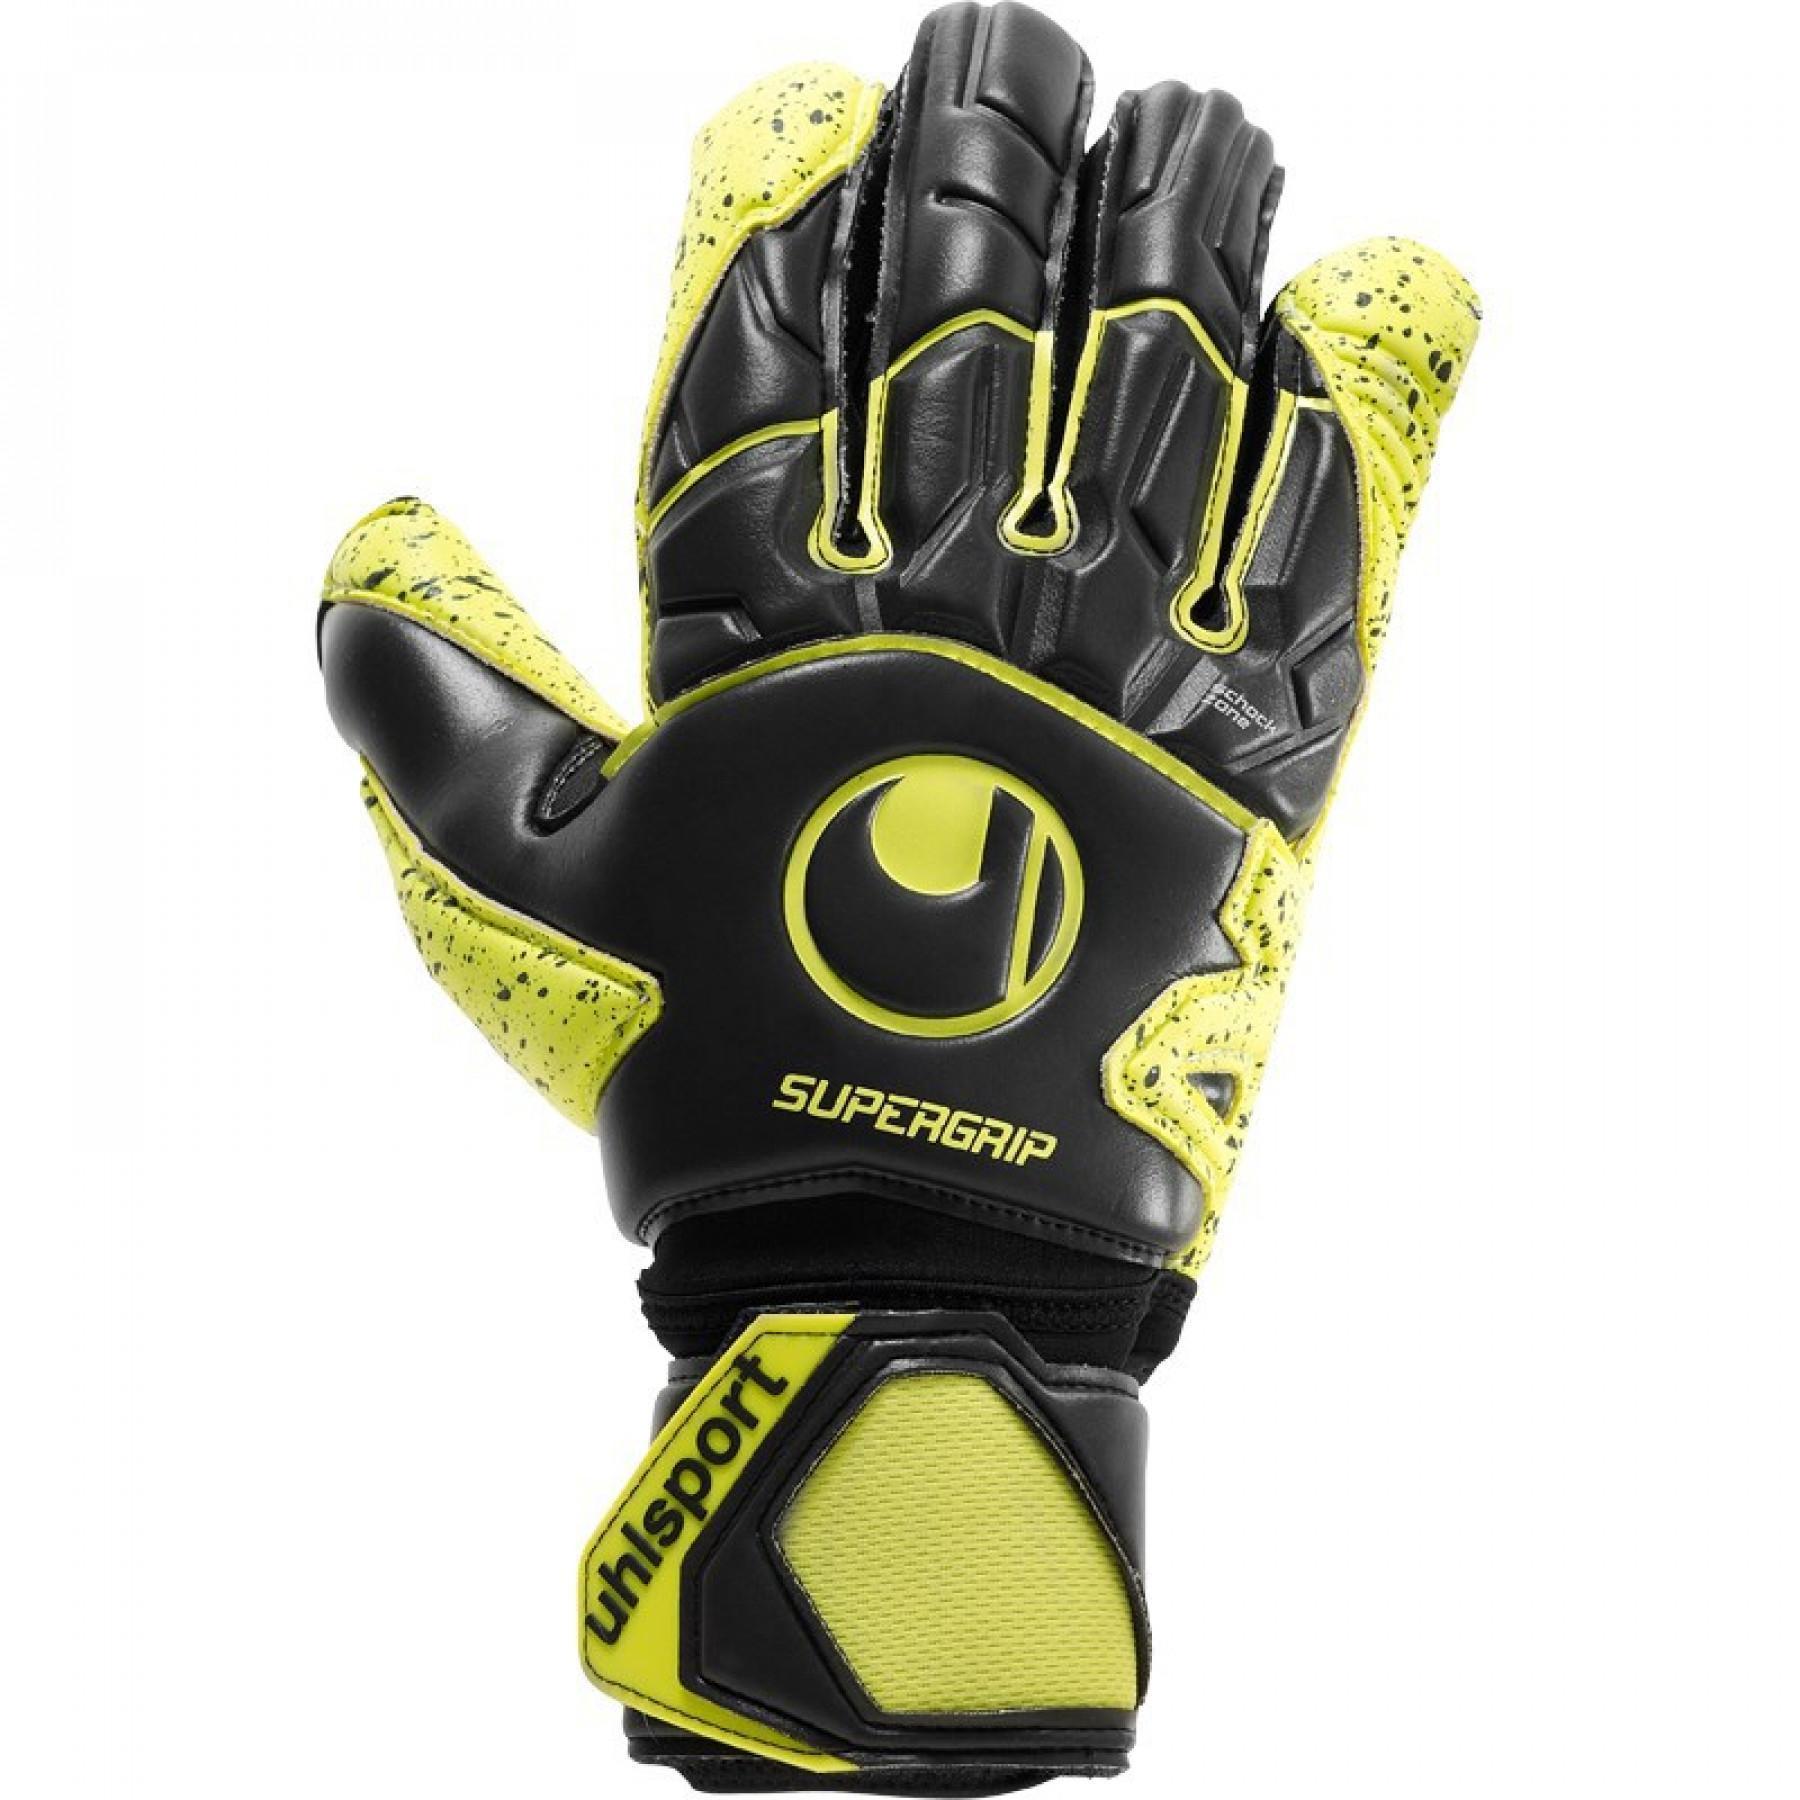 Guanti Uhlsport Supergrip Flex Frame Carbon Goalie Gloves